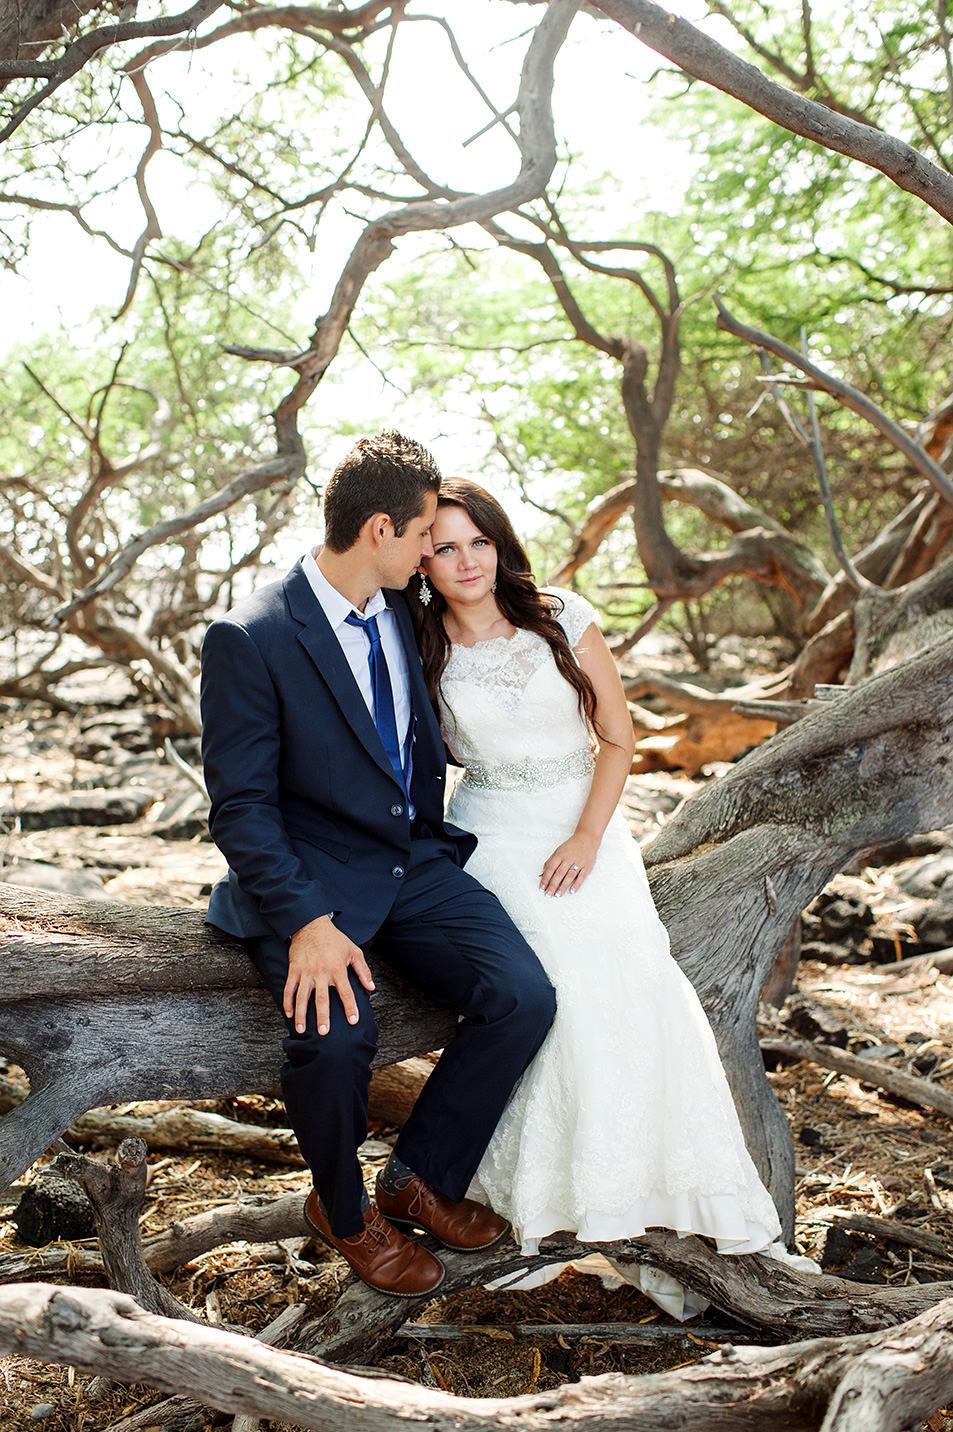 Kona-Hawaii-beach-wedding-Hawaii-wedding-Photographer09.jpg